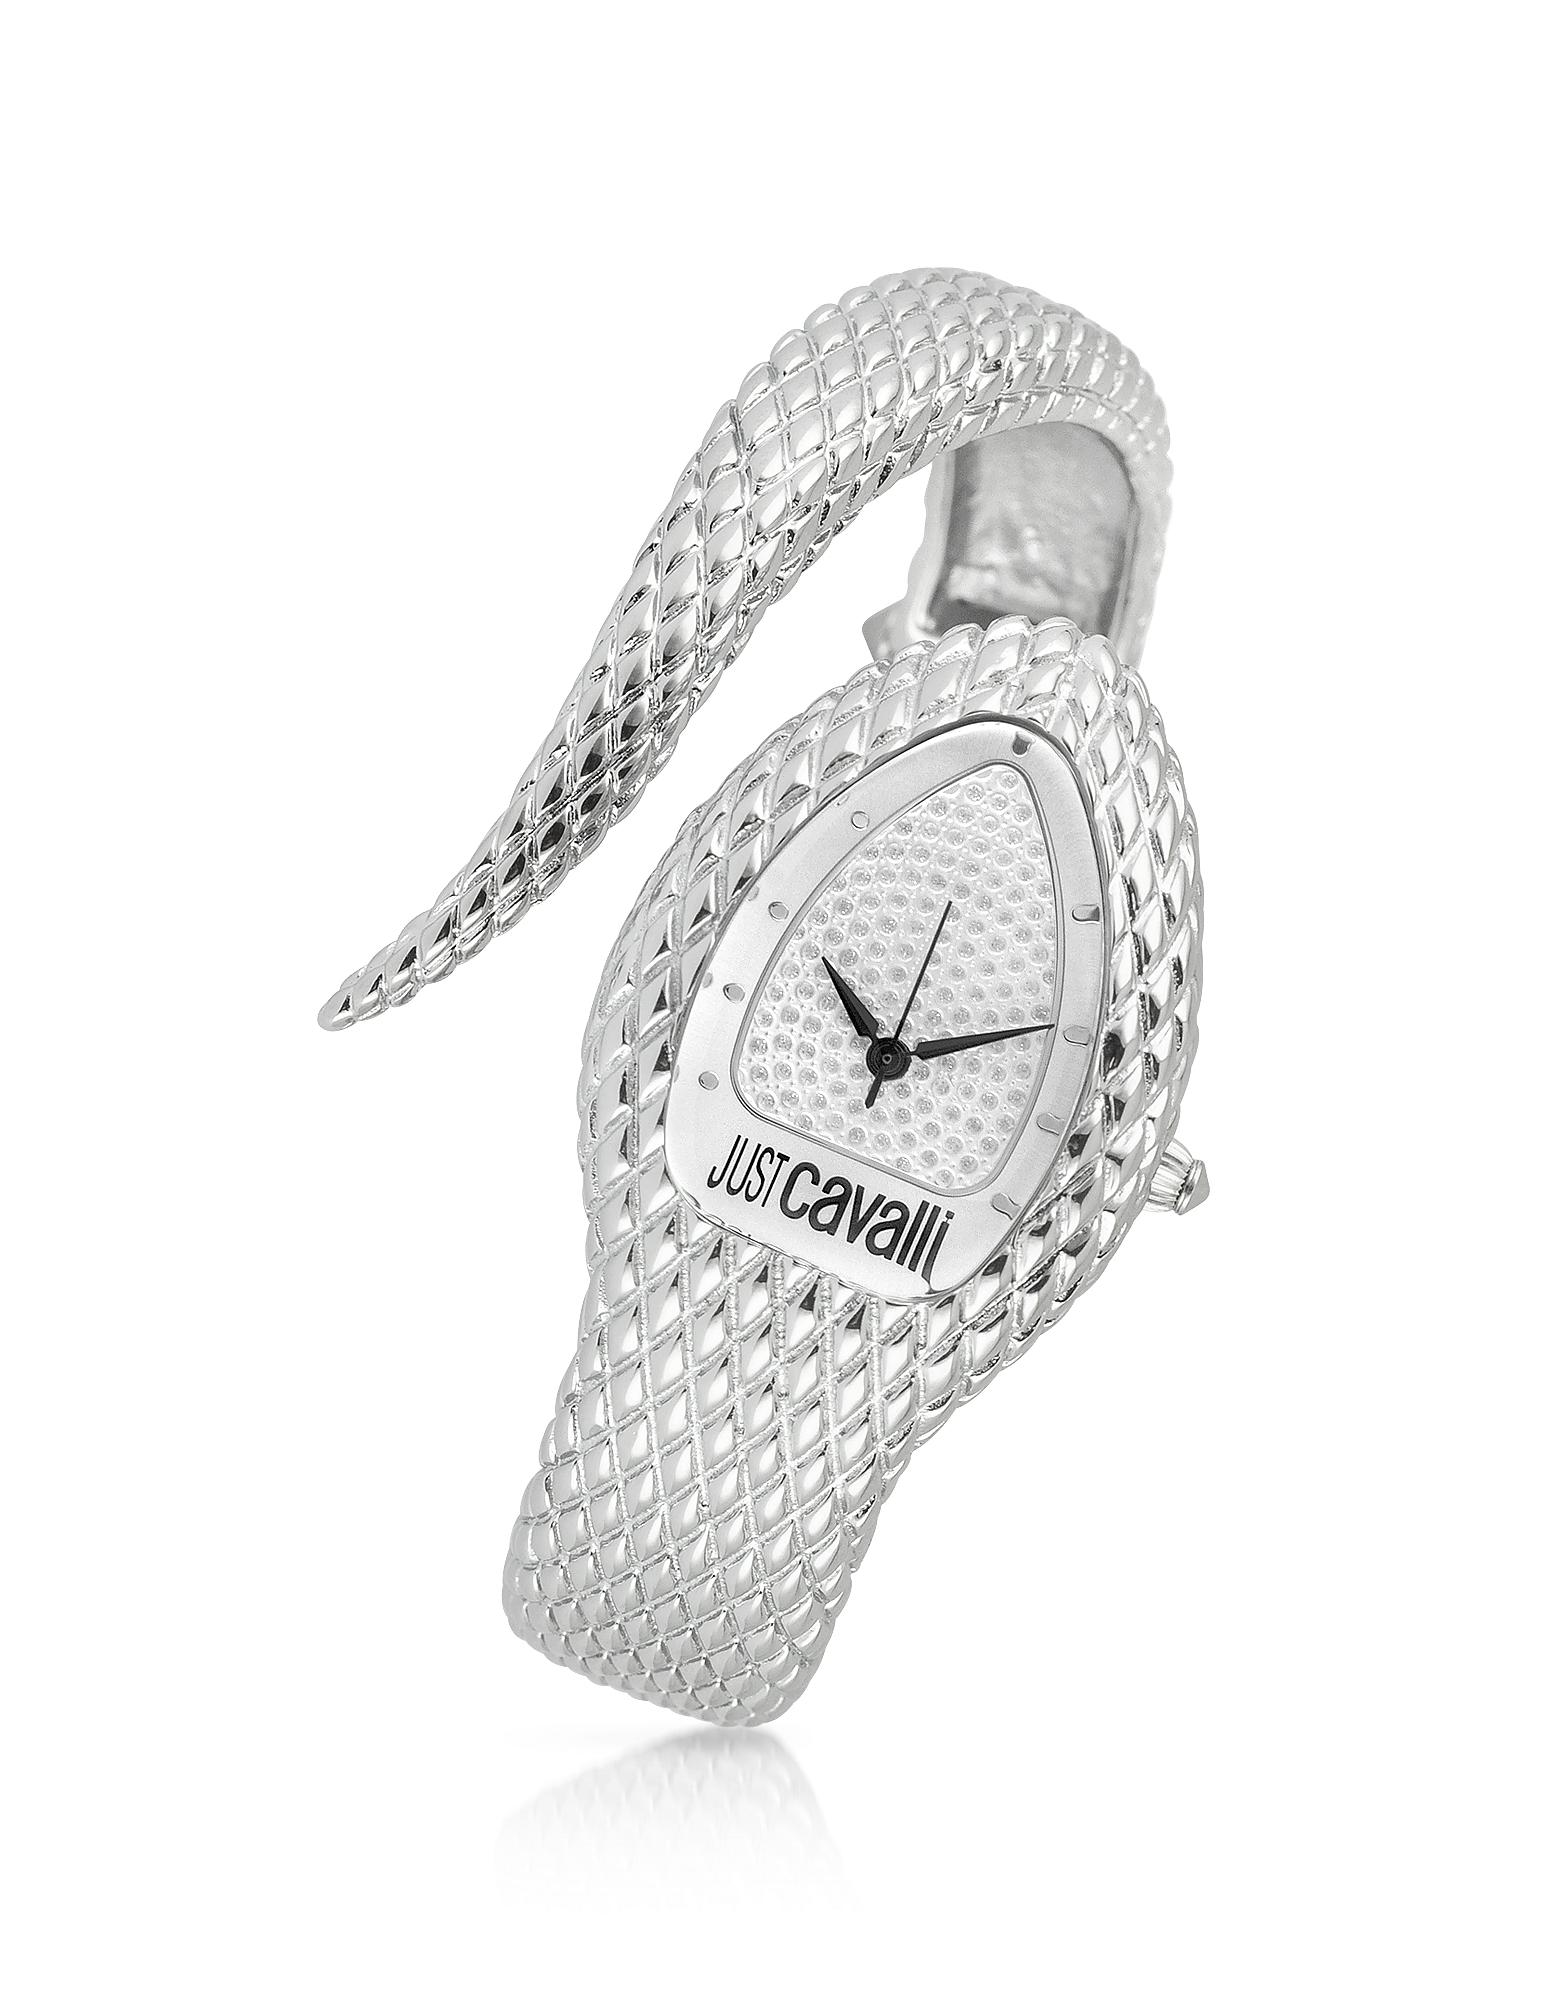 Poison - Часы с Серебристым Браслетом-Змеей